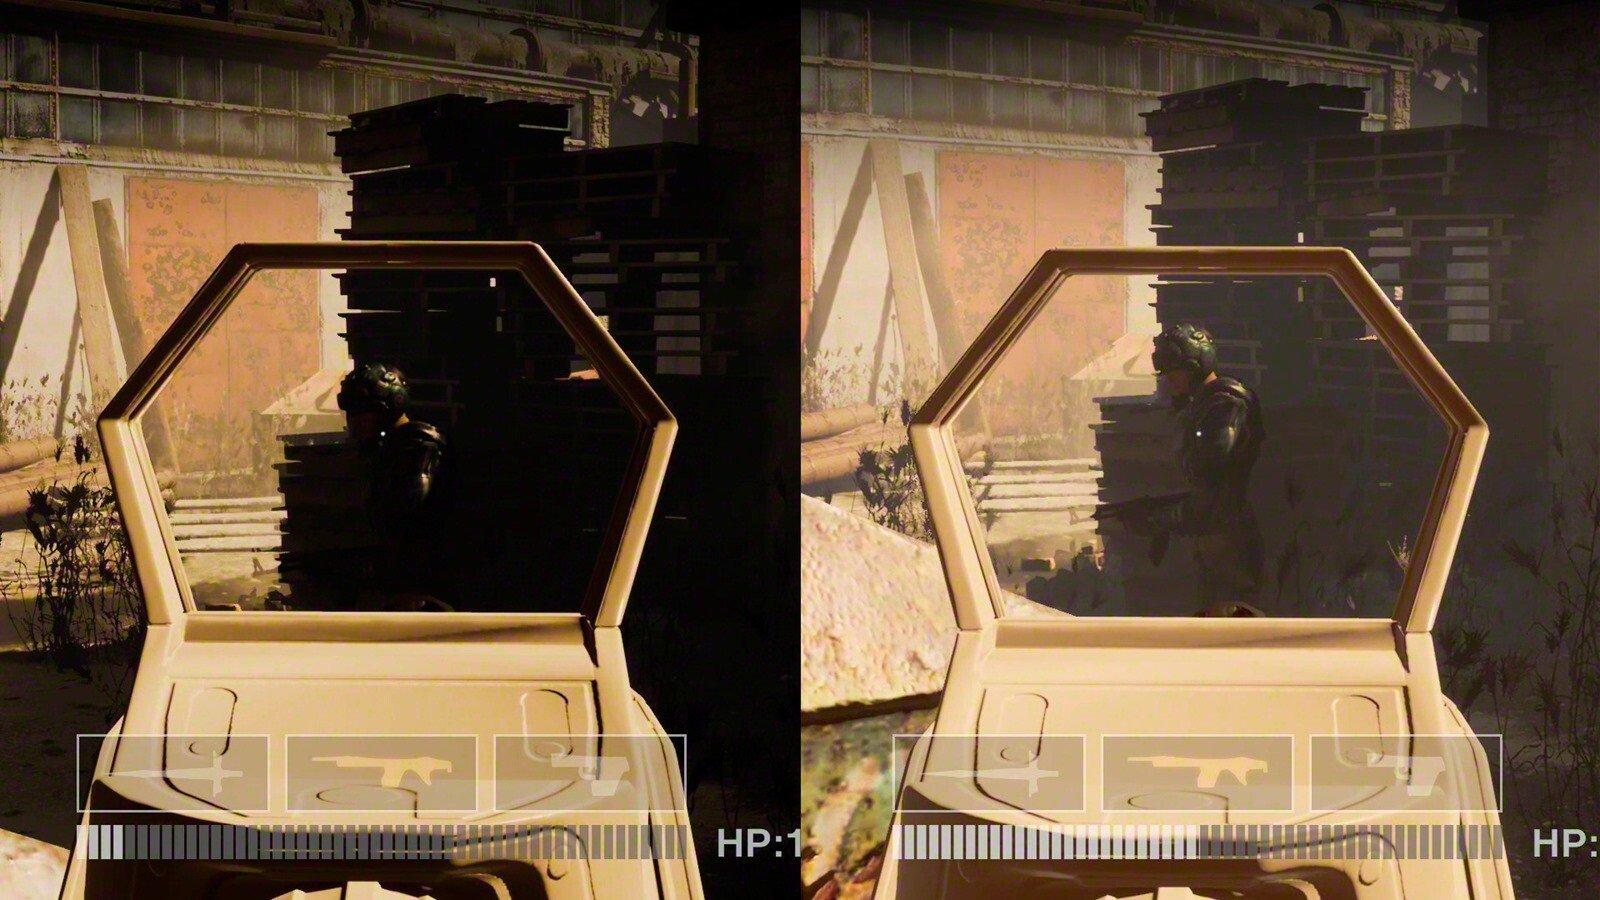 圖說三、開啟 Xperia-1-III 全新深色背景強化功能,使玩家更容易發現隱藏在暗處的敵人,搶先出手先發制人!.jpg @3C 達人廖阿輝